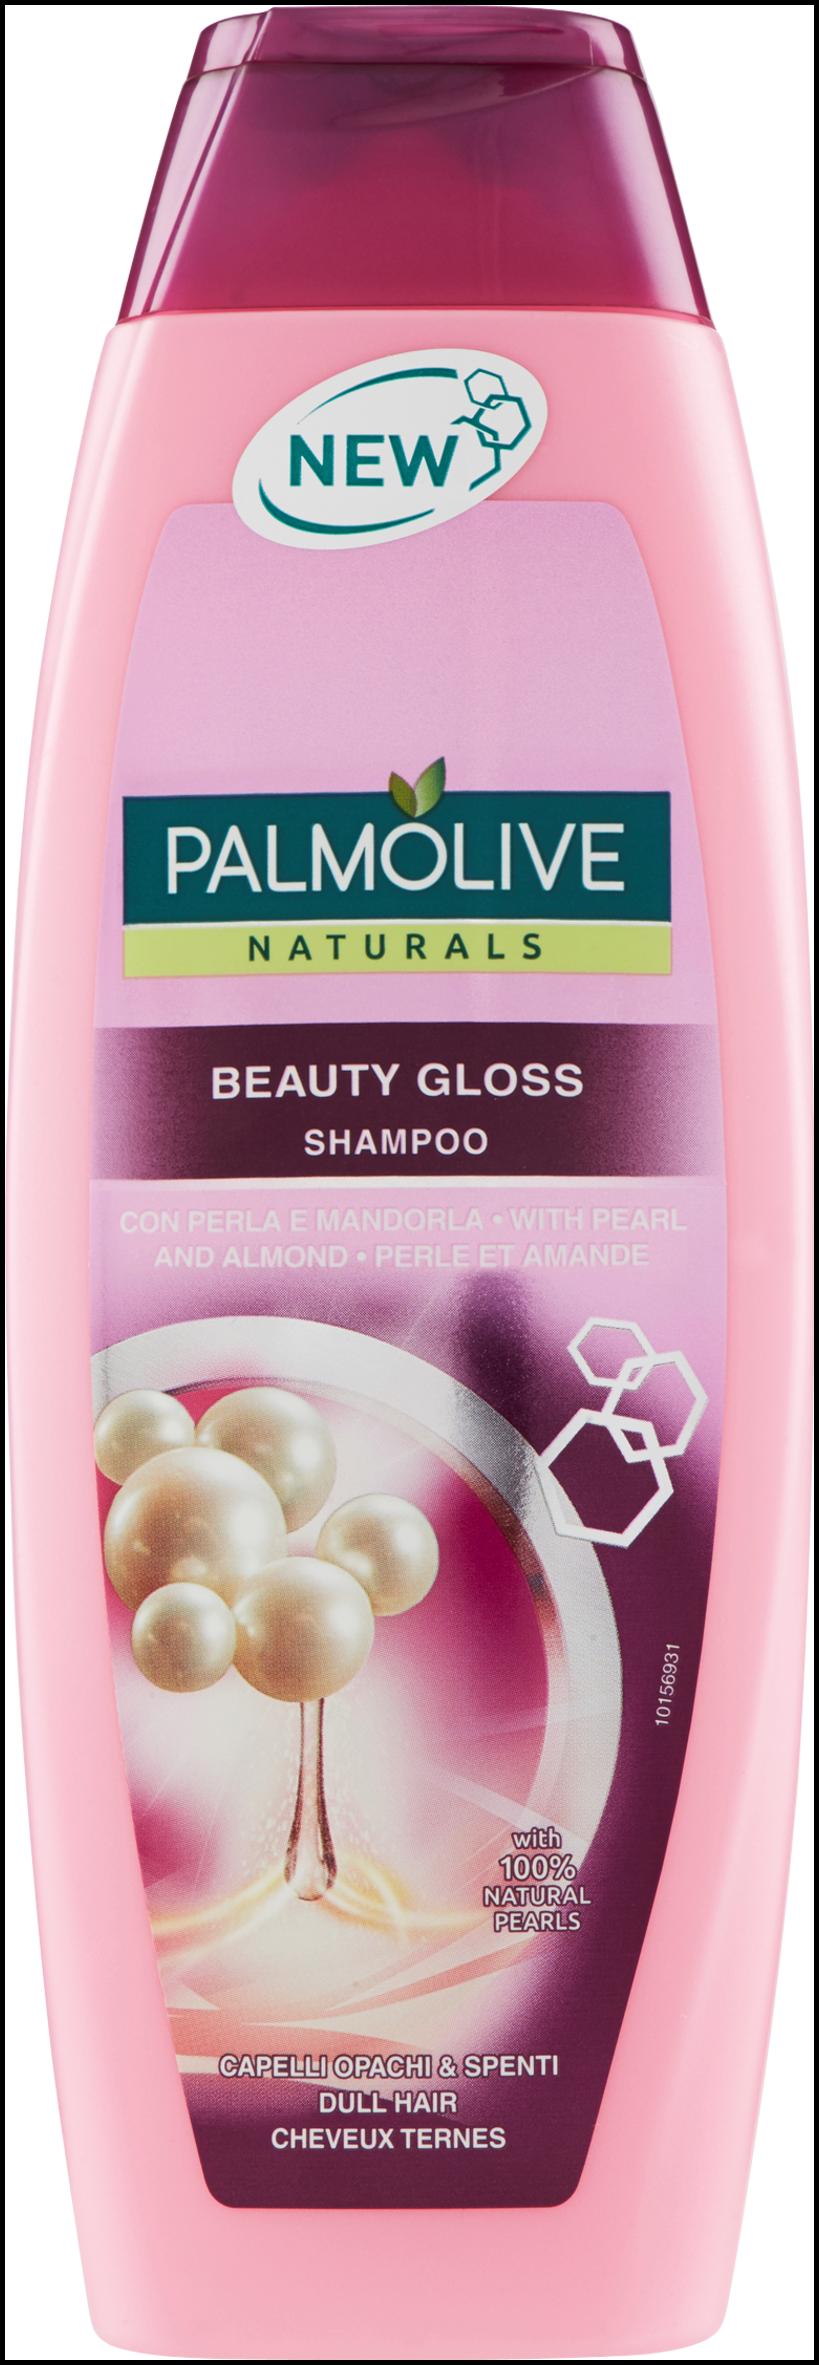 SHAMPOO PALMOLIVE 350 ML BEAUTY GLOSS